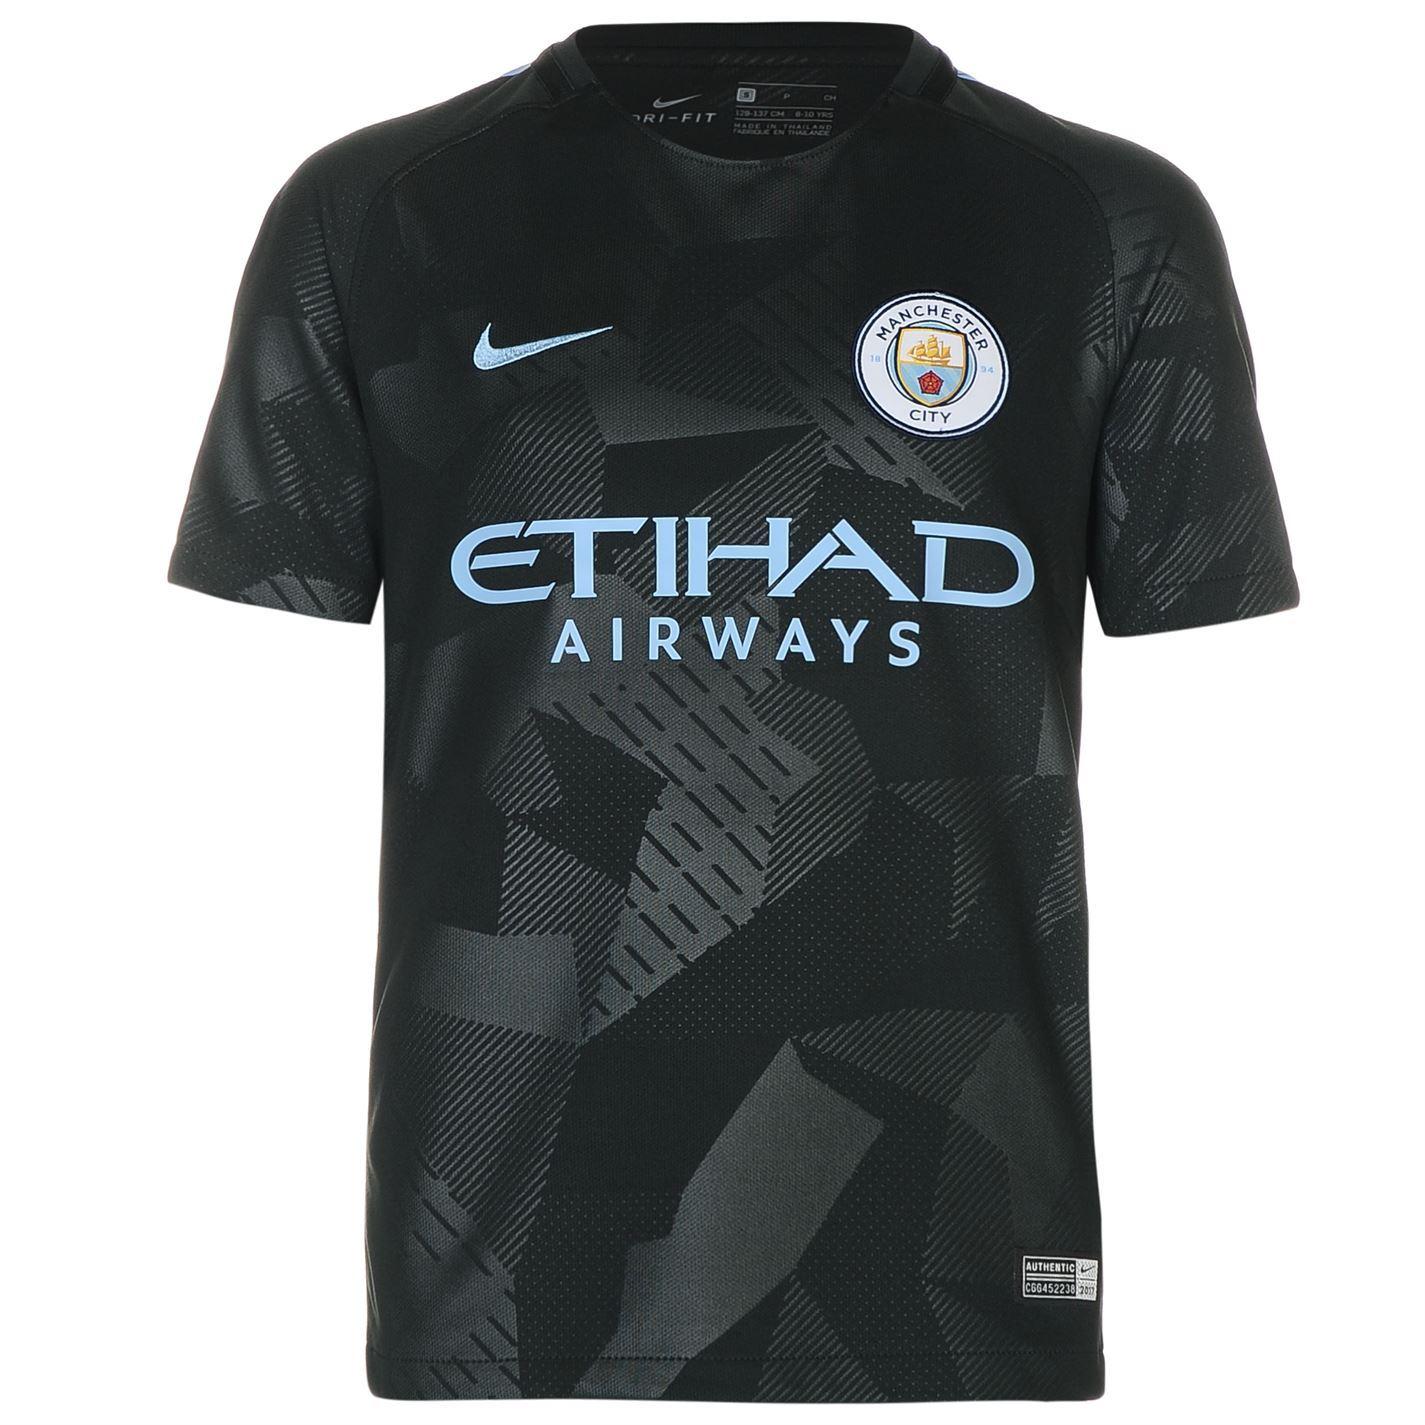 4a6e2b9ab ... Nike Manchester City Third Jersey 2017 2018 Juniors Green Football  Soccer Shirt ...